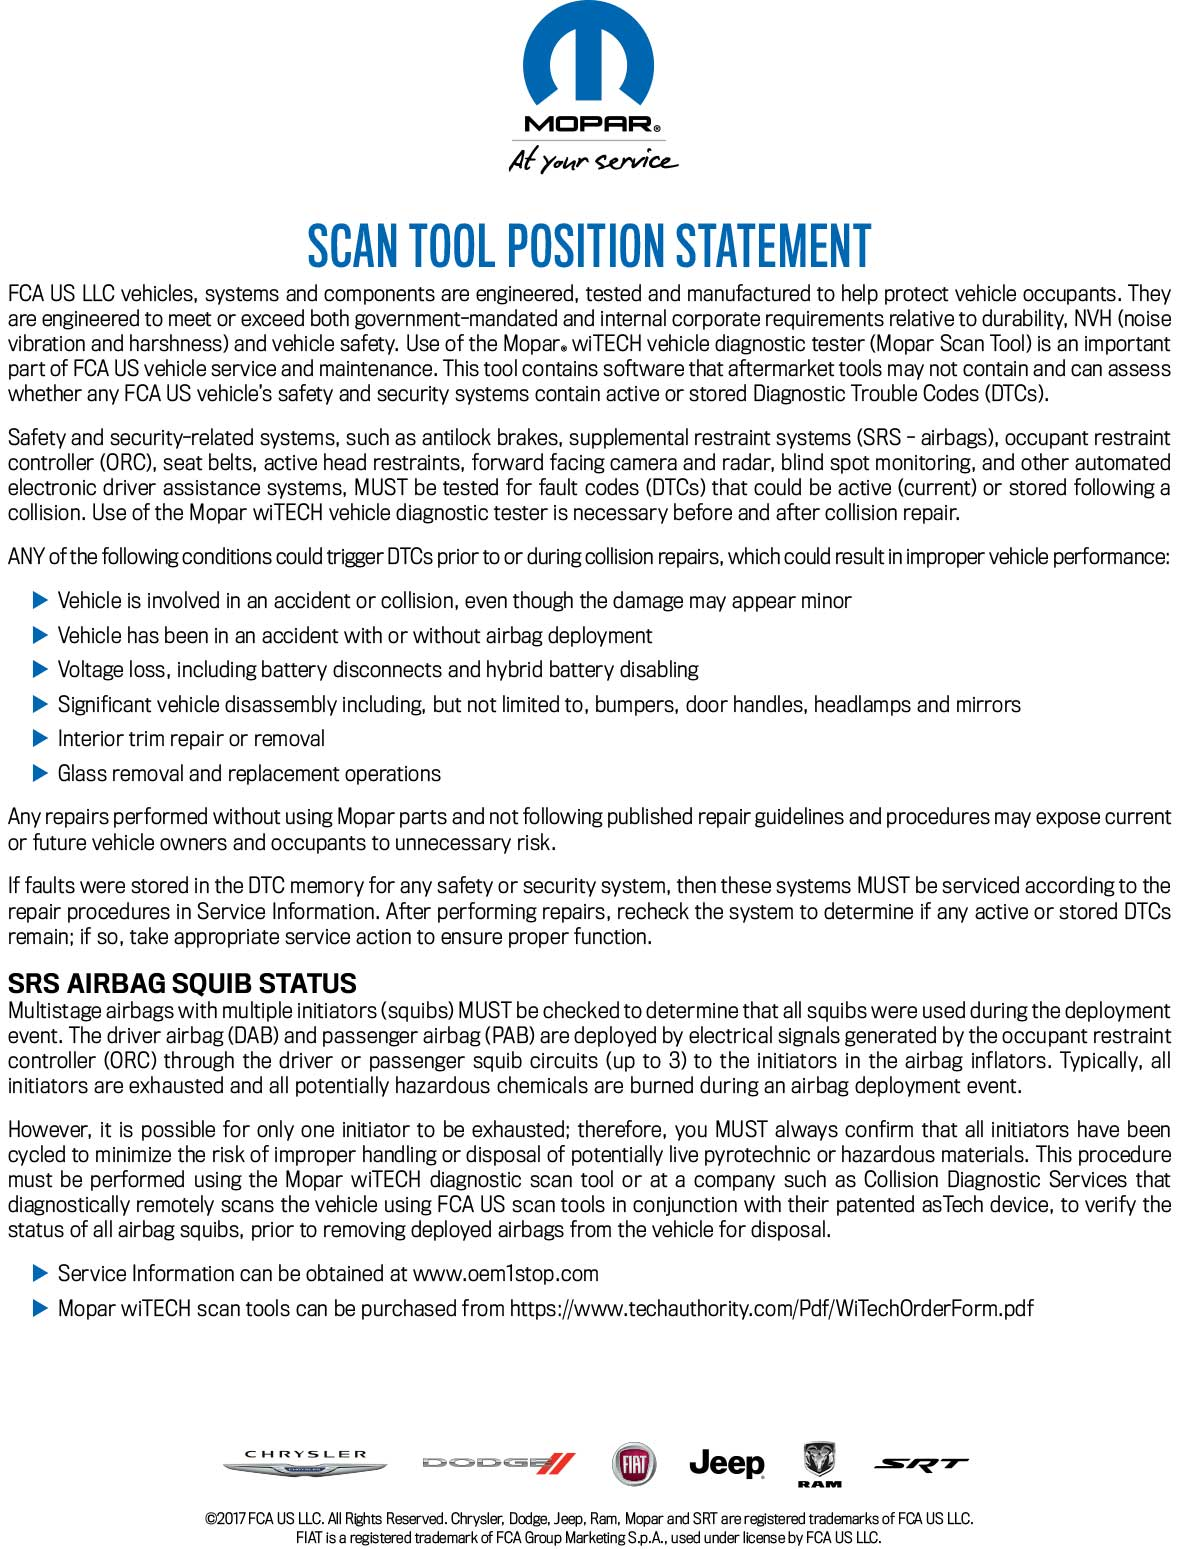 MOPAR: Scan Tool Position Statement — 877 NJ PARTS - Auto